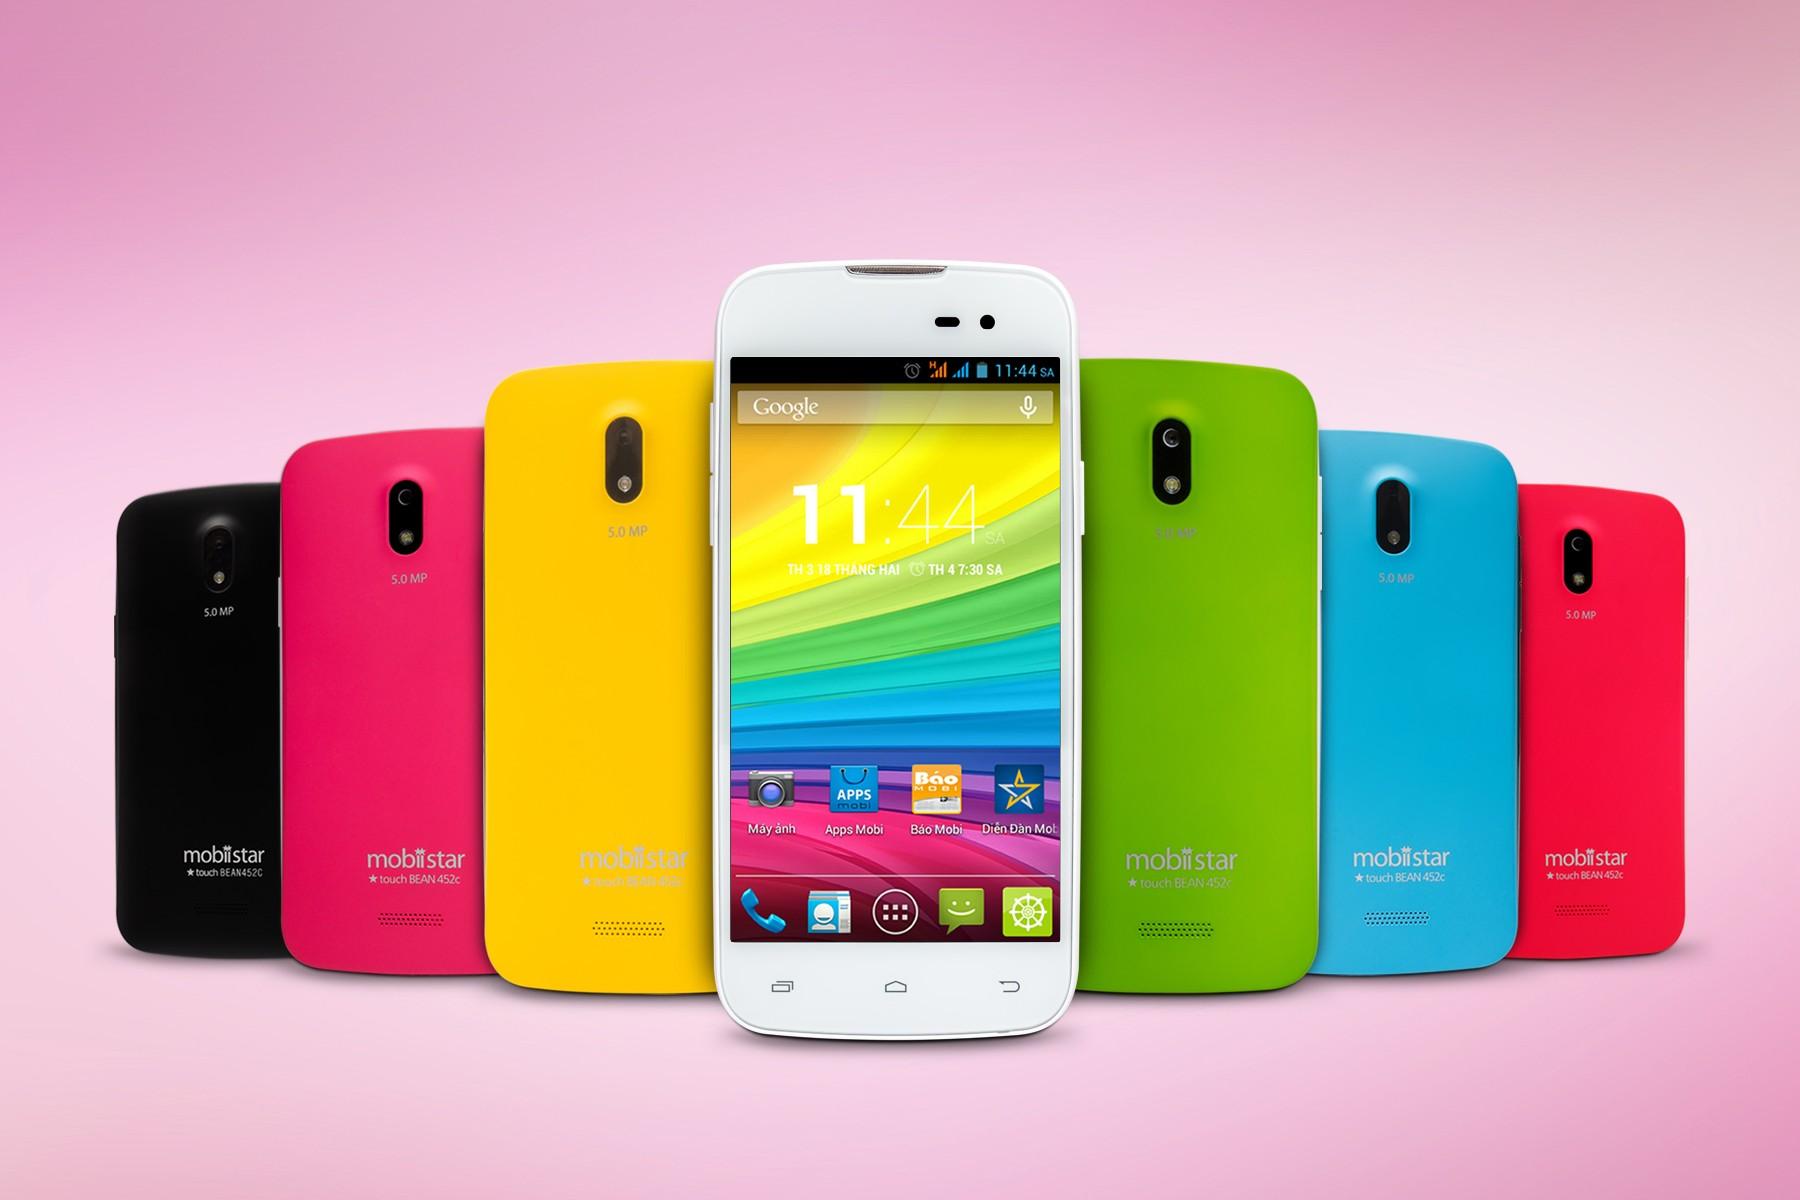 """Touch BEAN 452c 7 mau - Lỗi bảo mật """"dấu bằng"""" trên smartphone Mobiistar đã được khắc phục"""